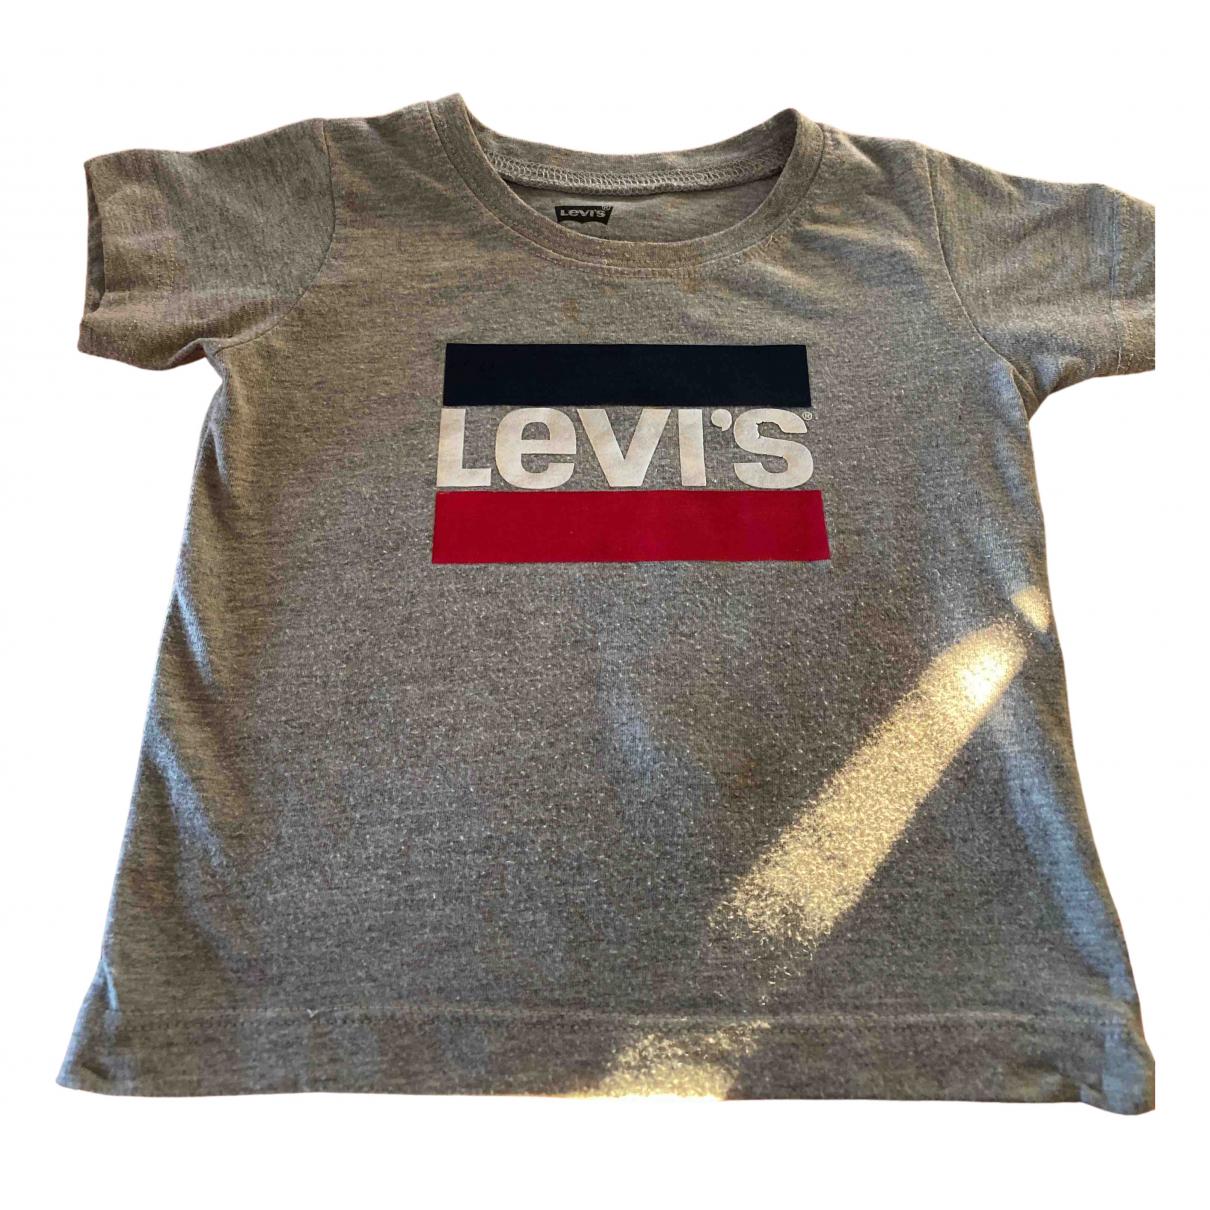 Levis - Top   pour enfant en coton - gris